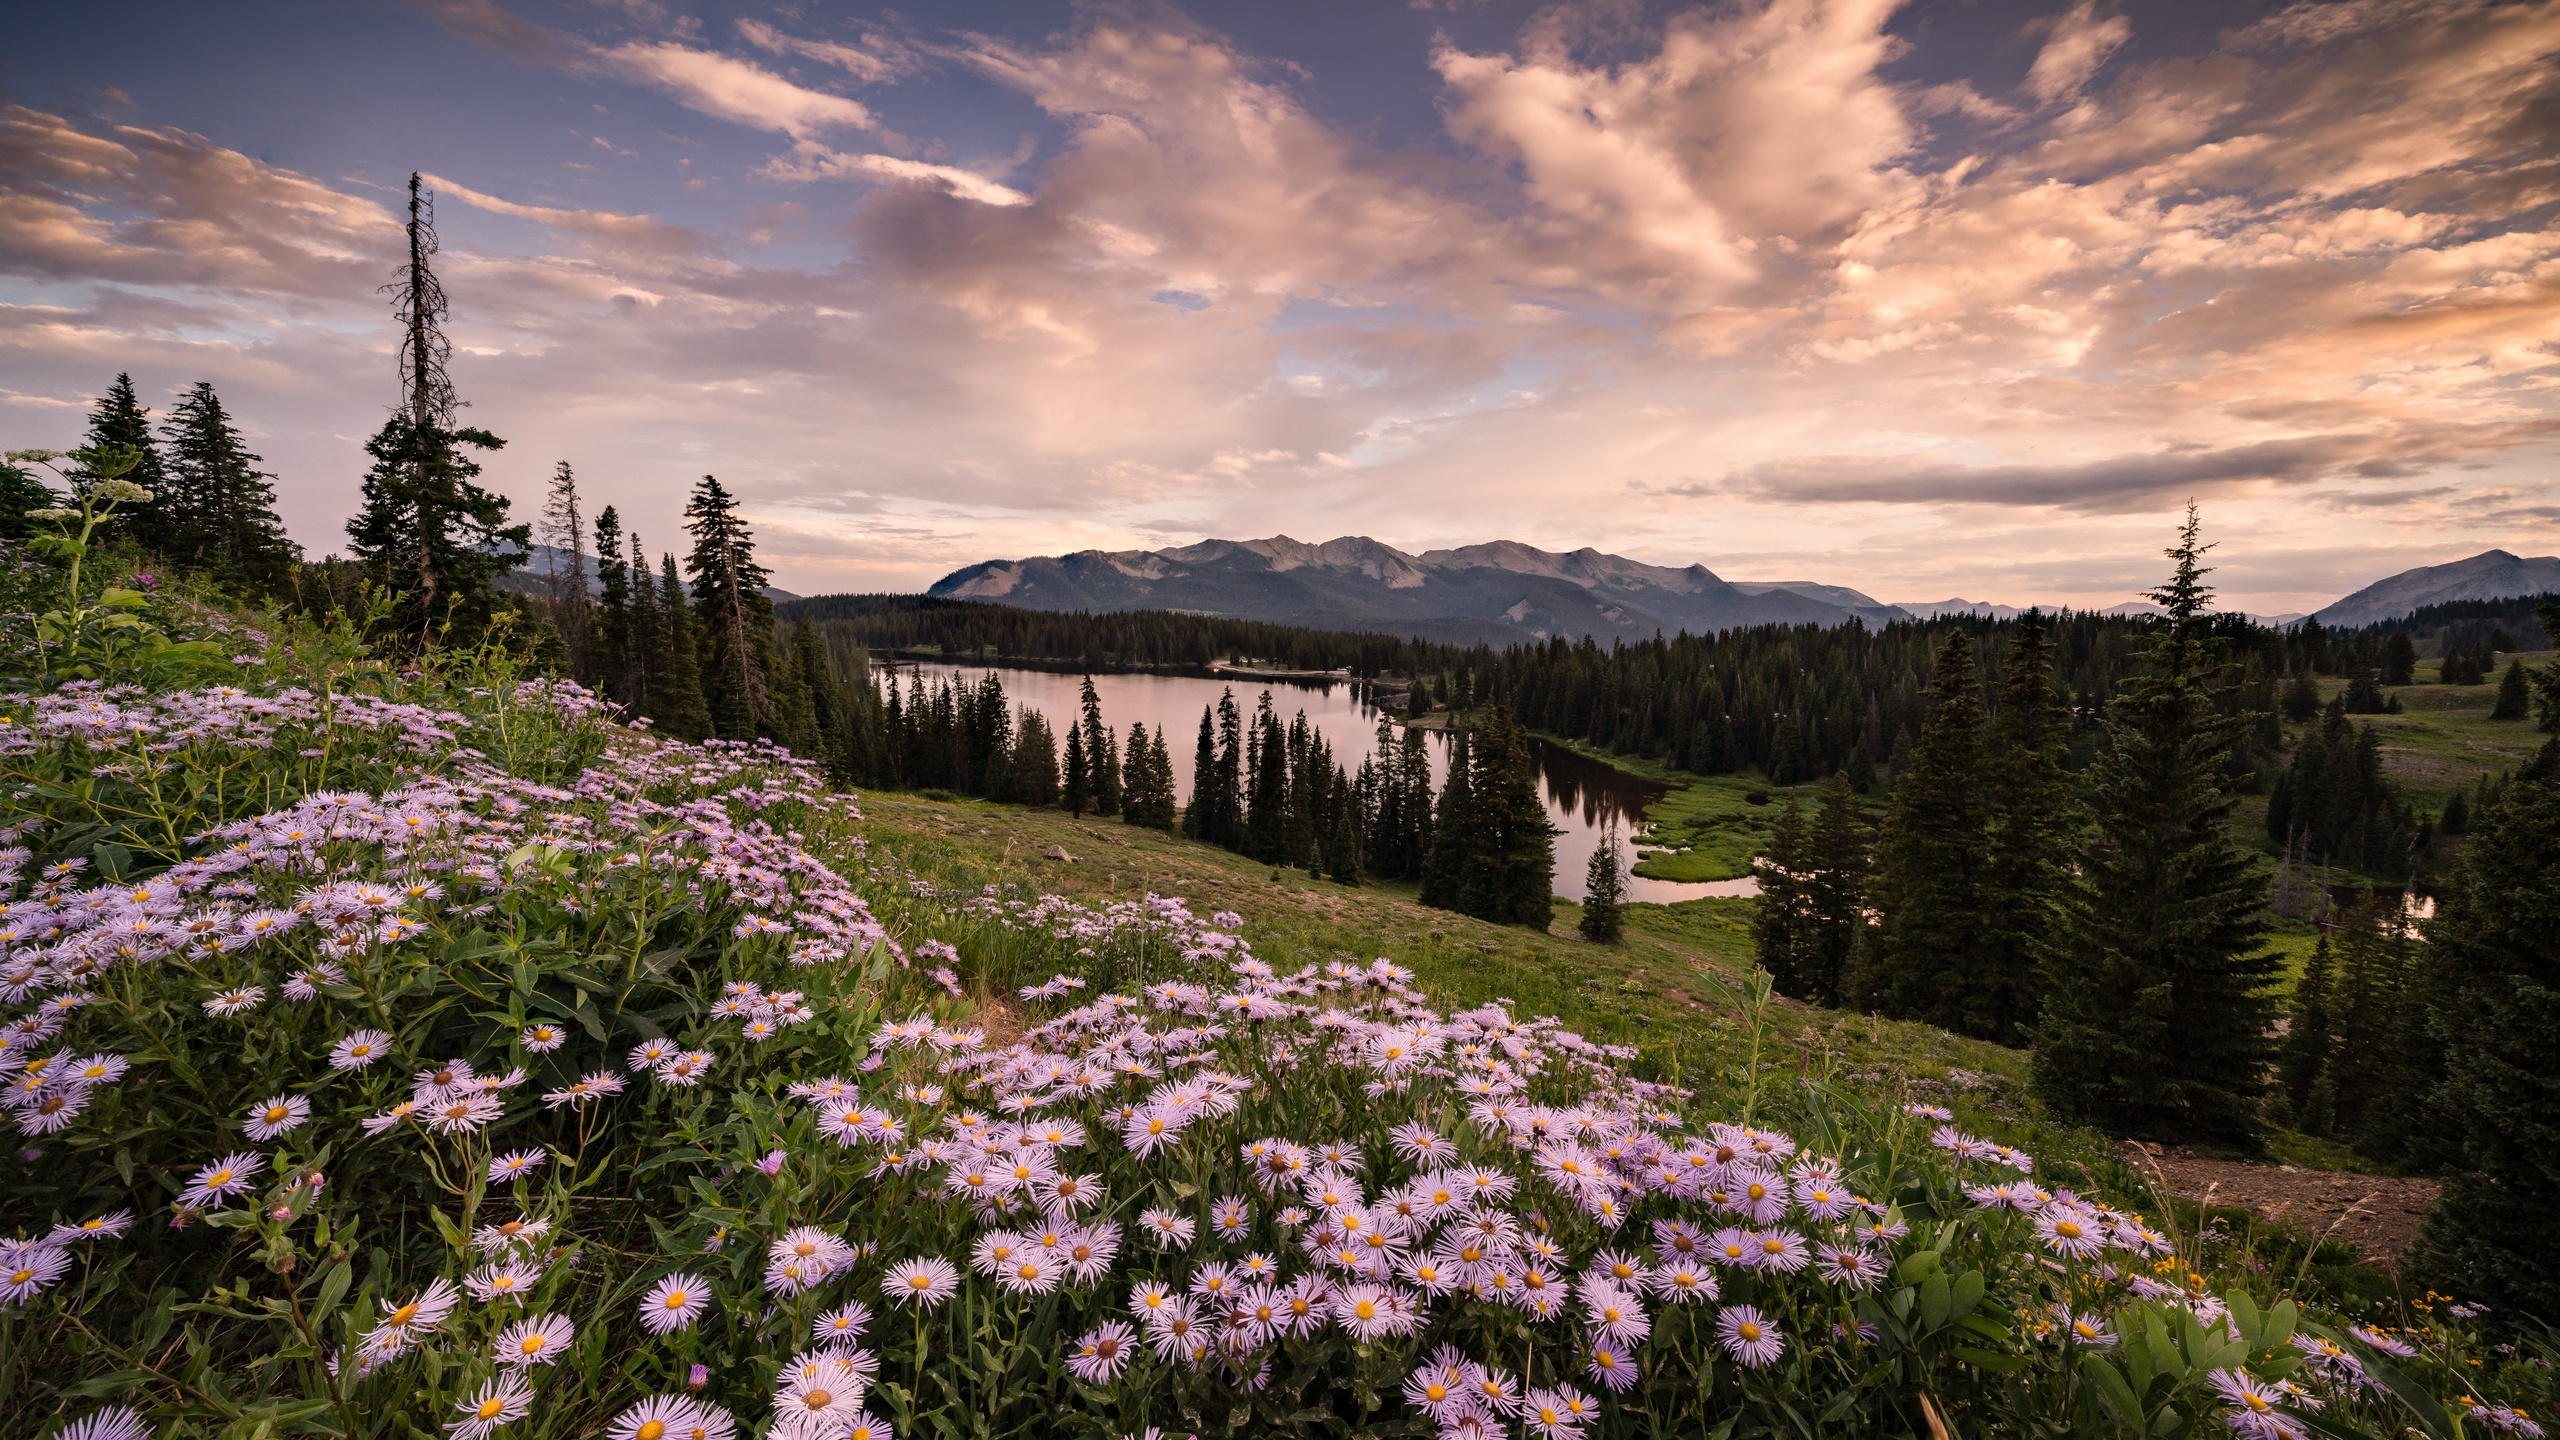 закат, крестед-батт, колорадо, озеро, холмы, деревья, цветы, природа, пейзаж